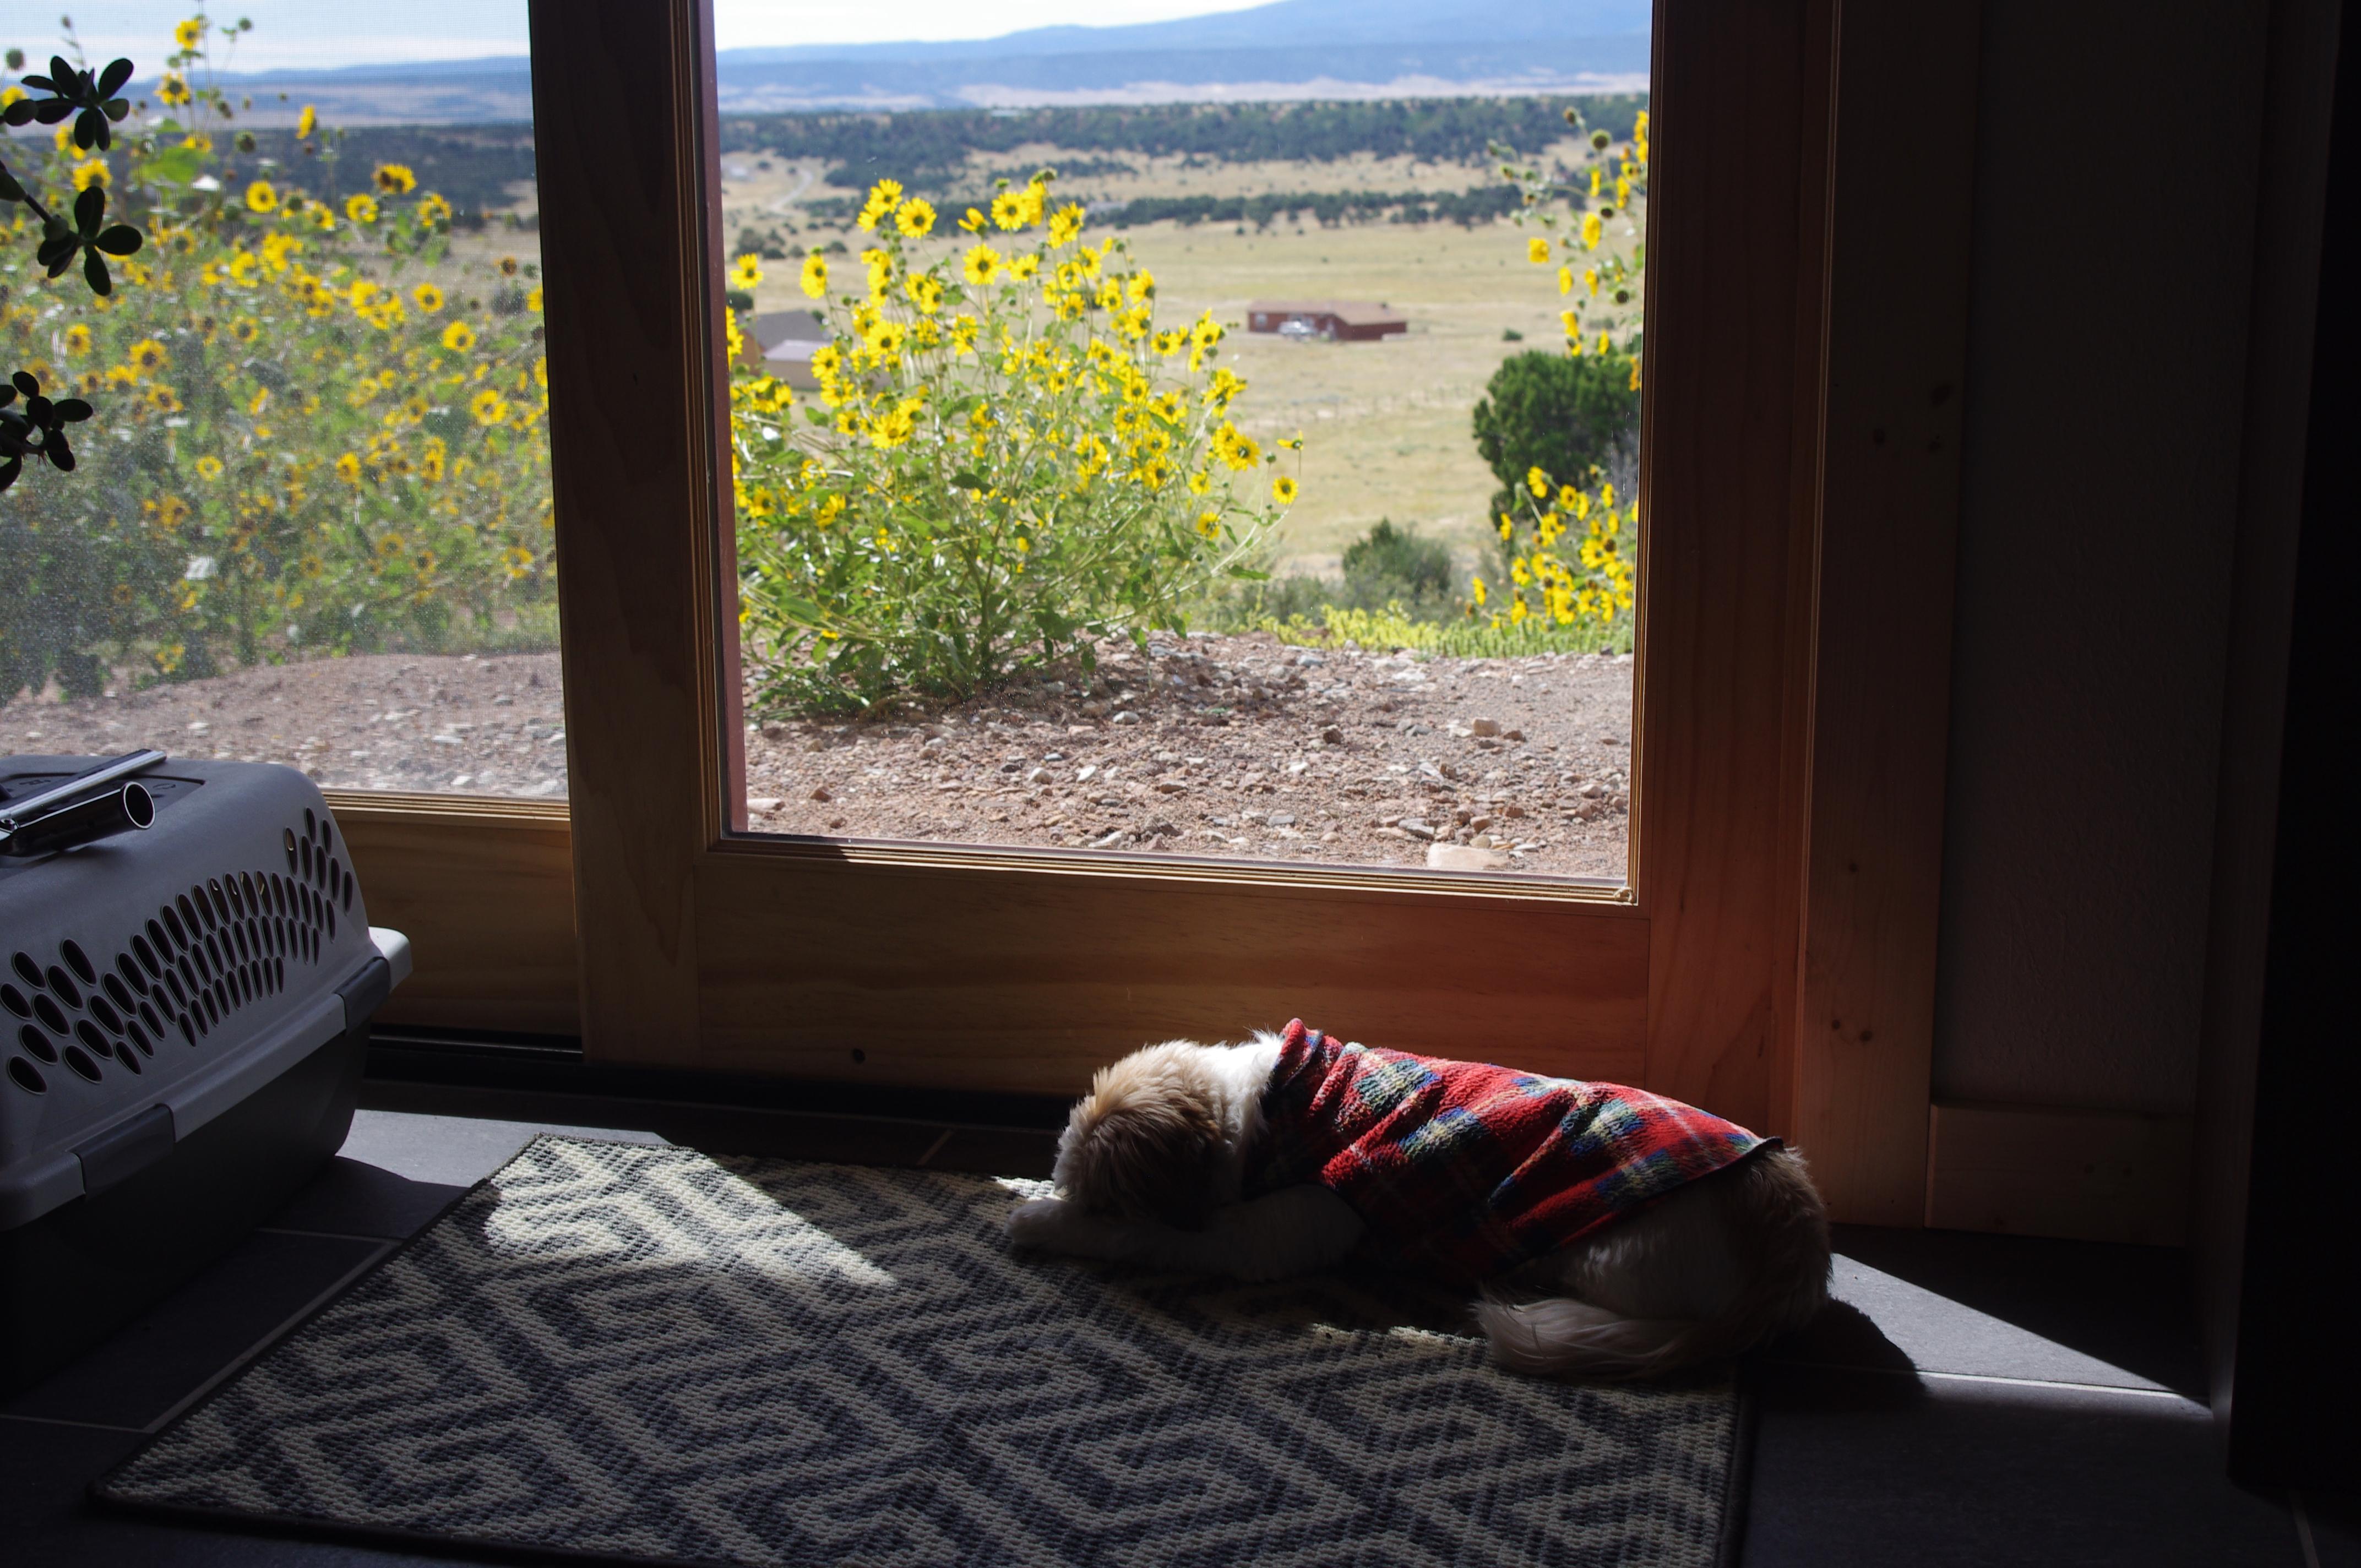 Sleepy Rasta keeping warm in sept 2016